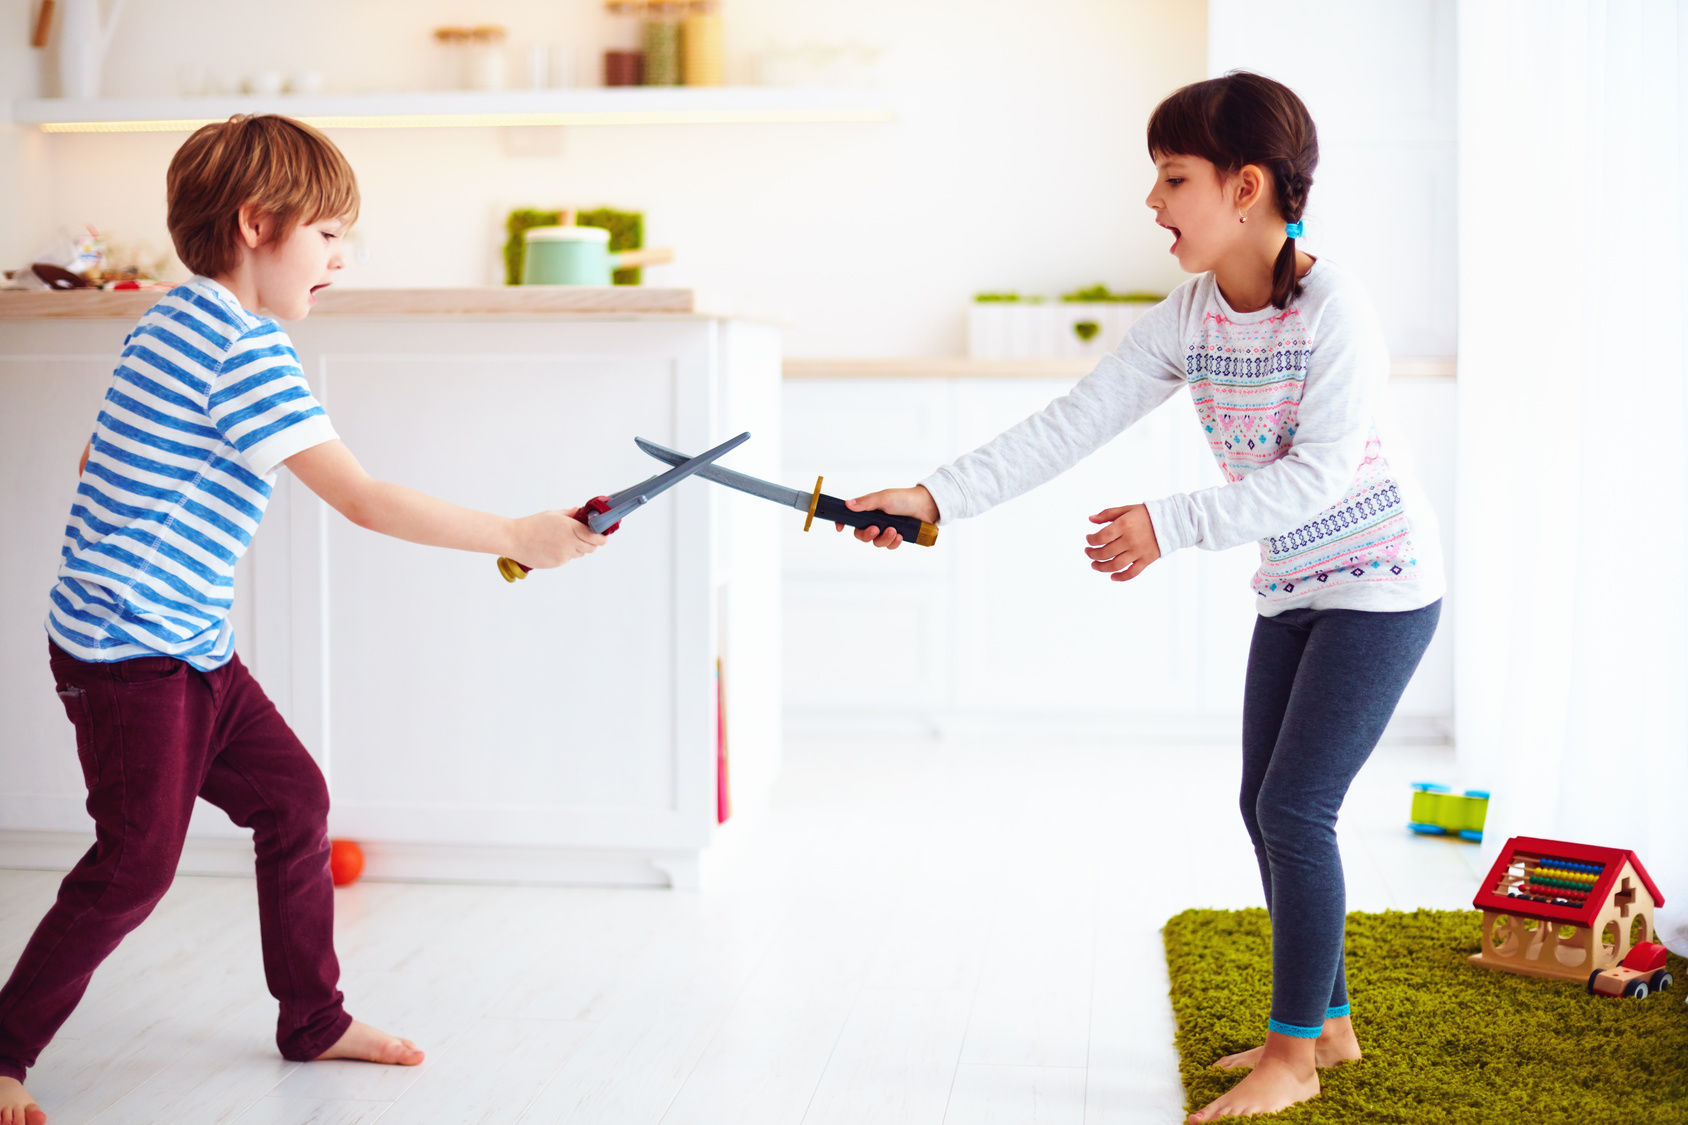 7b0c994fcaa Evitar juguetes filosos o puntiagudos como espadas dependiendo de la edad